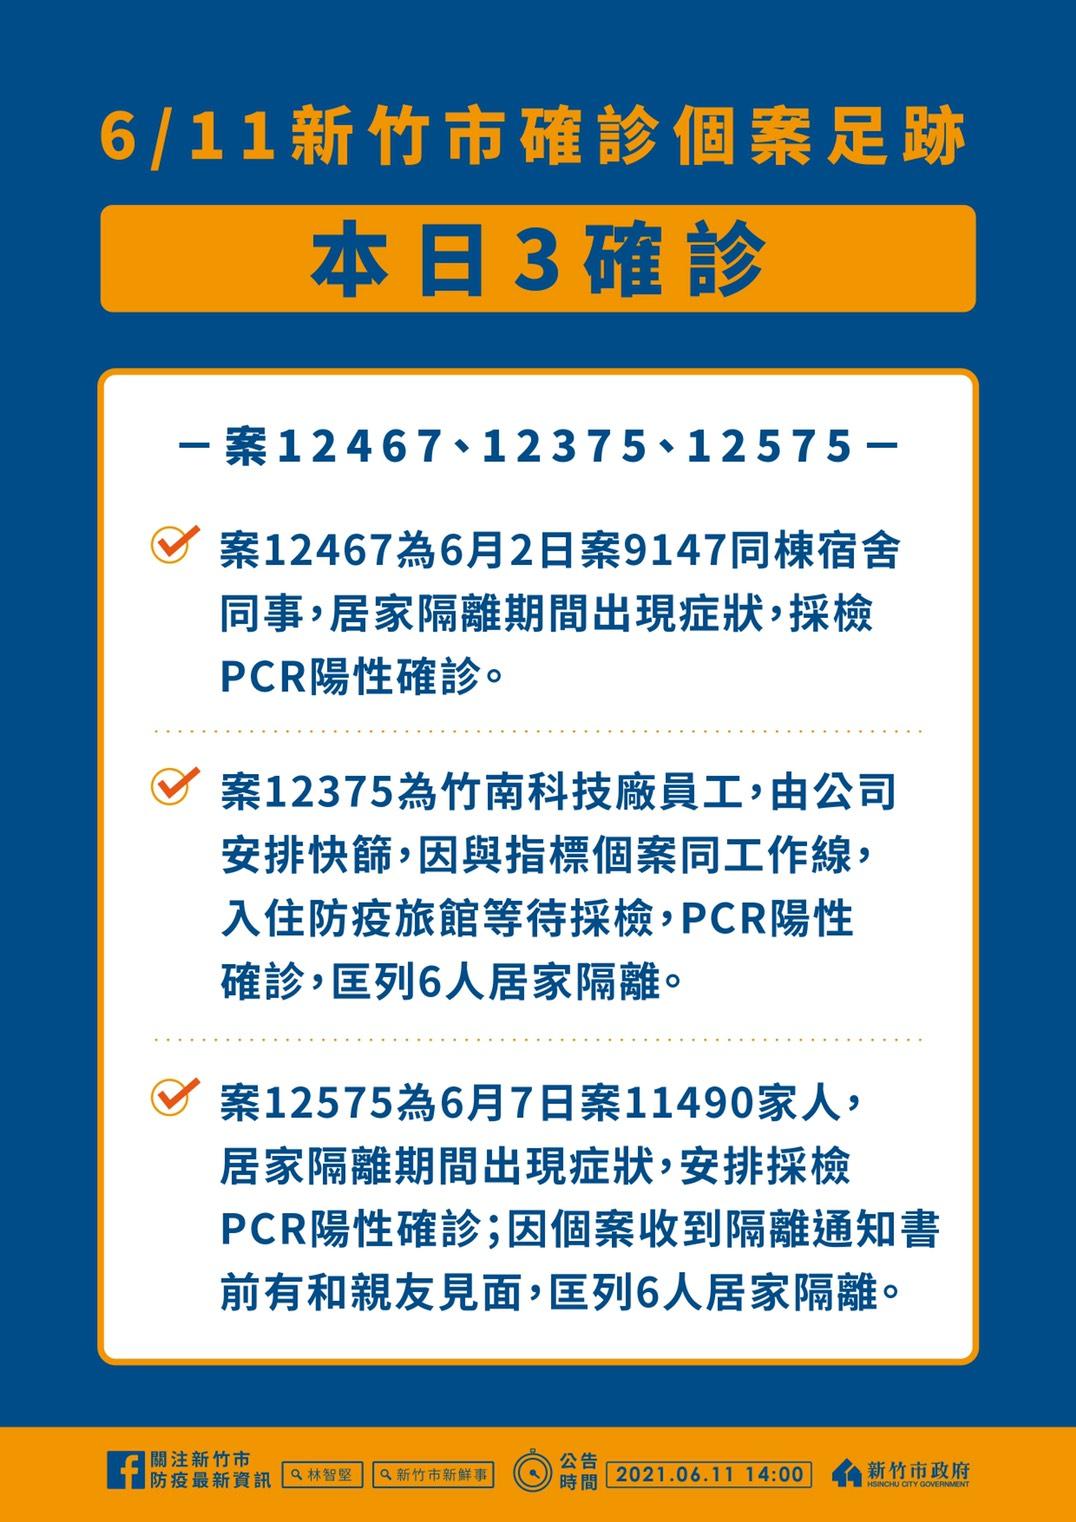 新竹市6月11日疫情資訊發布